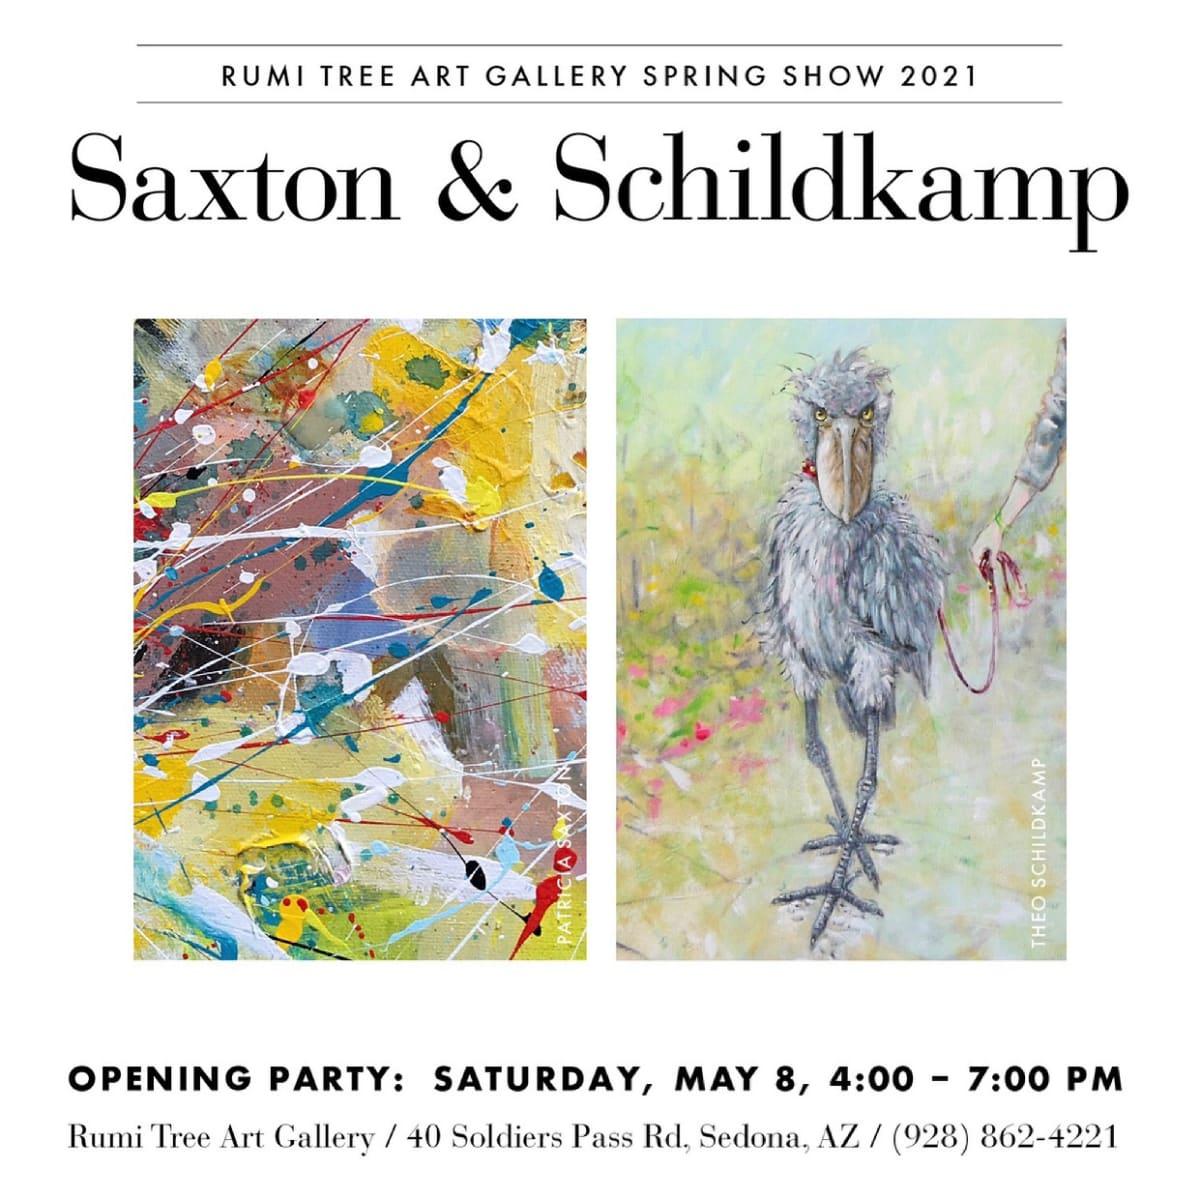 Saxton & Schildkamp Spring Show 2021